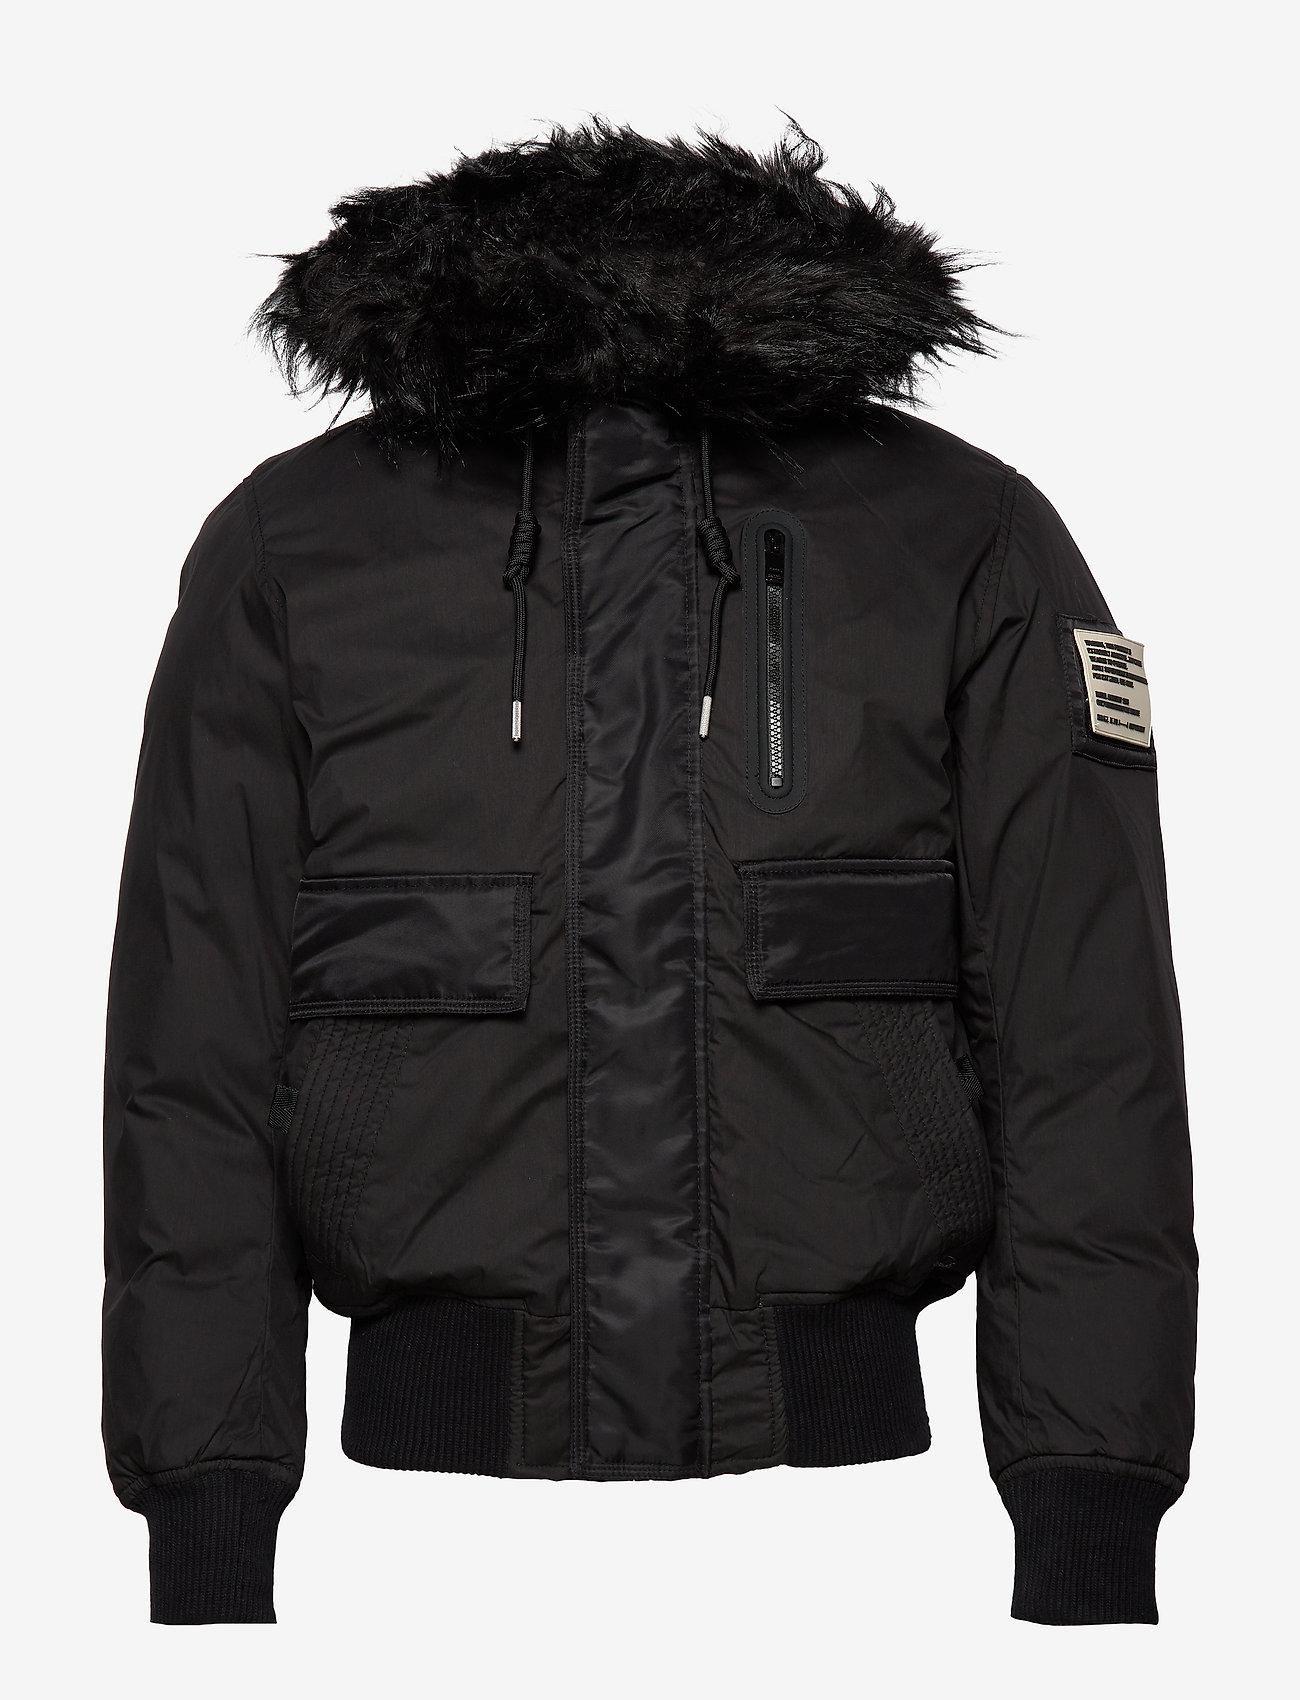 Diesel Men - W-BURKISK JACKET - bomber jackets - black - 1